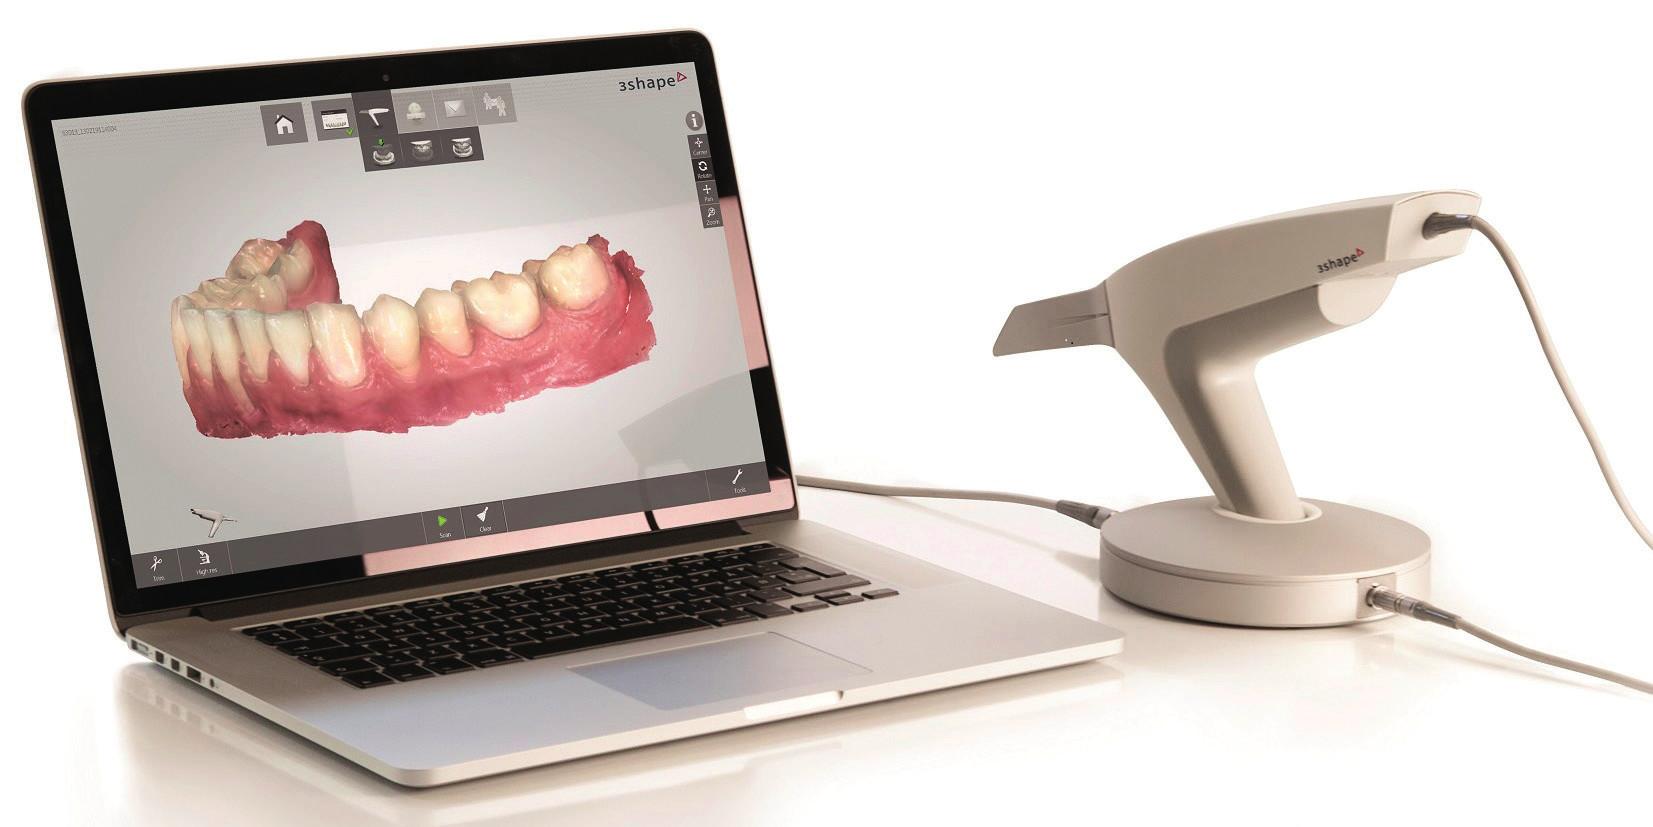 """Ordinační skener TRIOS<sup>®</sup> (3Shape, Dánsko) pro přímou metodu digitalizace (převzato z: <a href="""" http://heraeus-kulzer.com/int2/int/dentist/products_from_a_to_z/cara_16/cara_trios.aspx"""">http://heraeus-kulzer.com/int2/int/dentist/products_from_a_to_z/cara_16/cara_trios.aspx</a>)"""